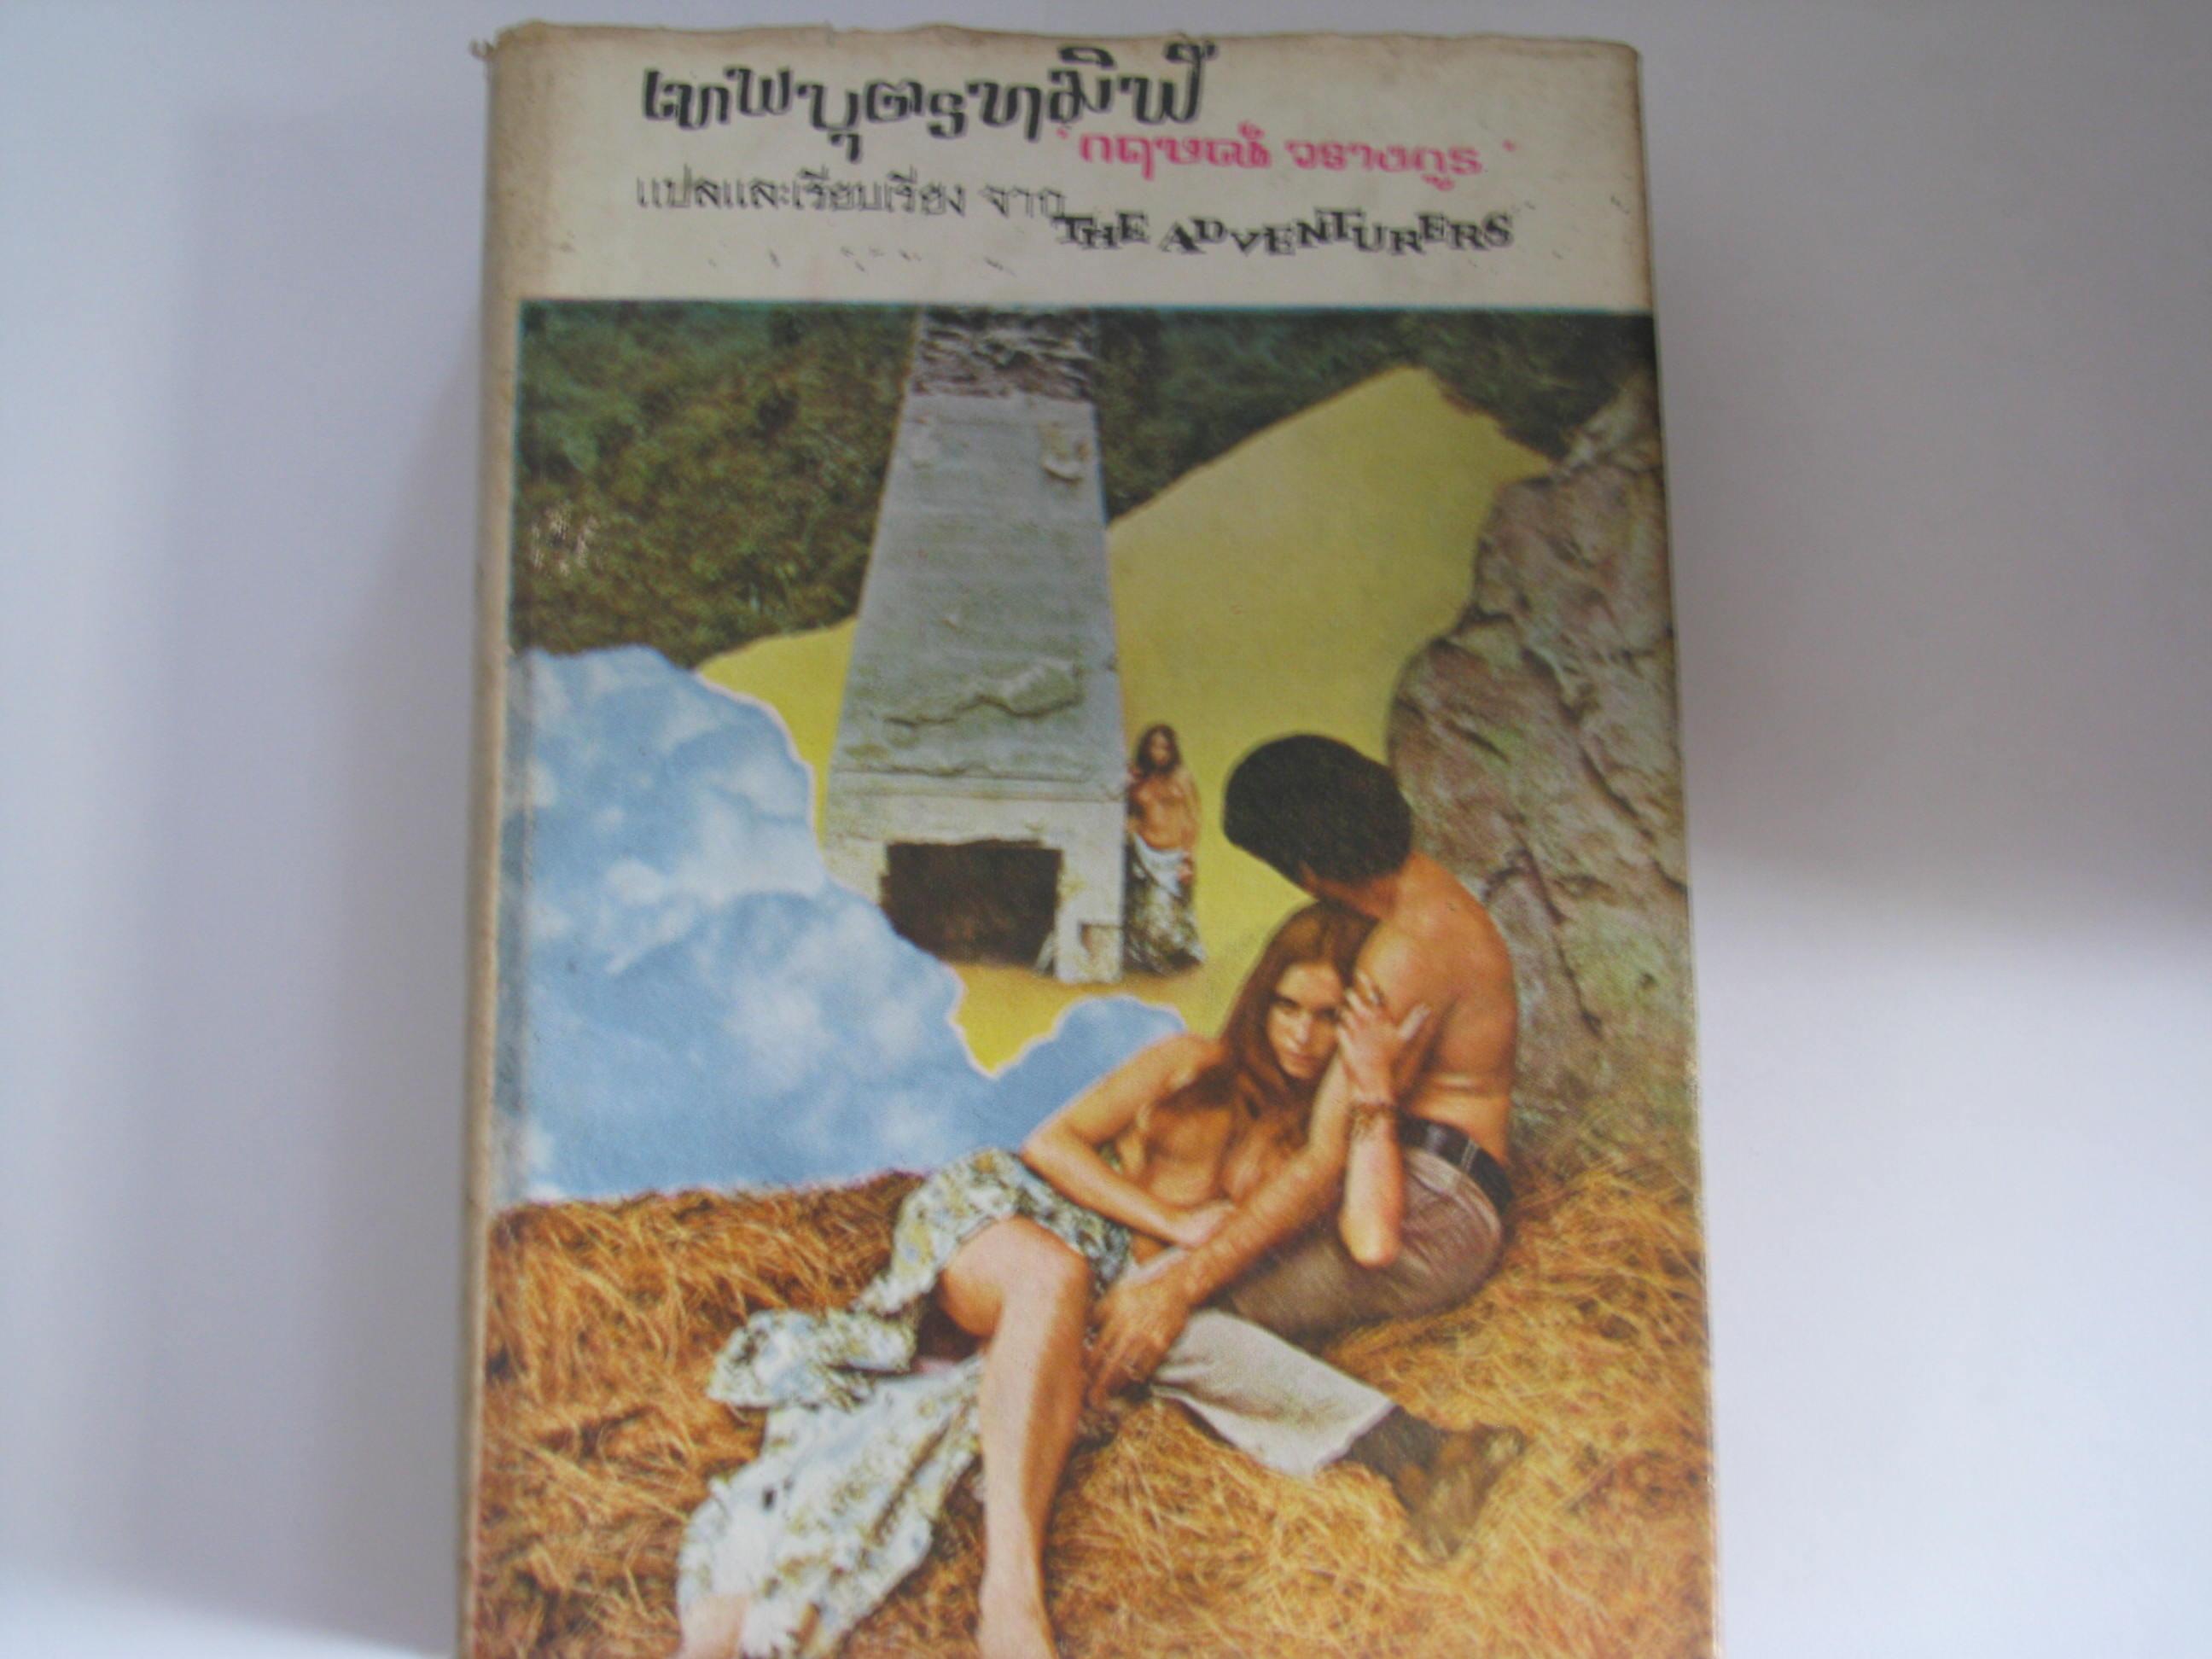 เทพบุตรทมิฬ เล่ม 2 (The Adventurers) Harold Robbins เขียน กฤษณ์ วรางกูร แปล